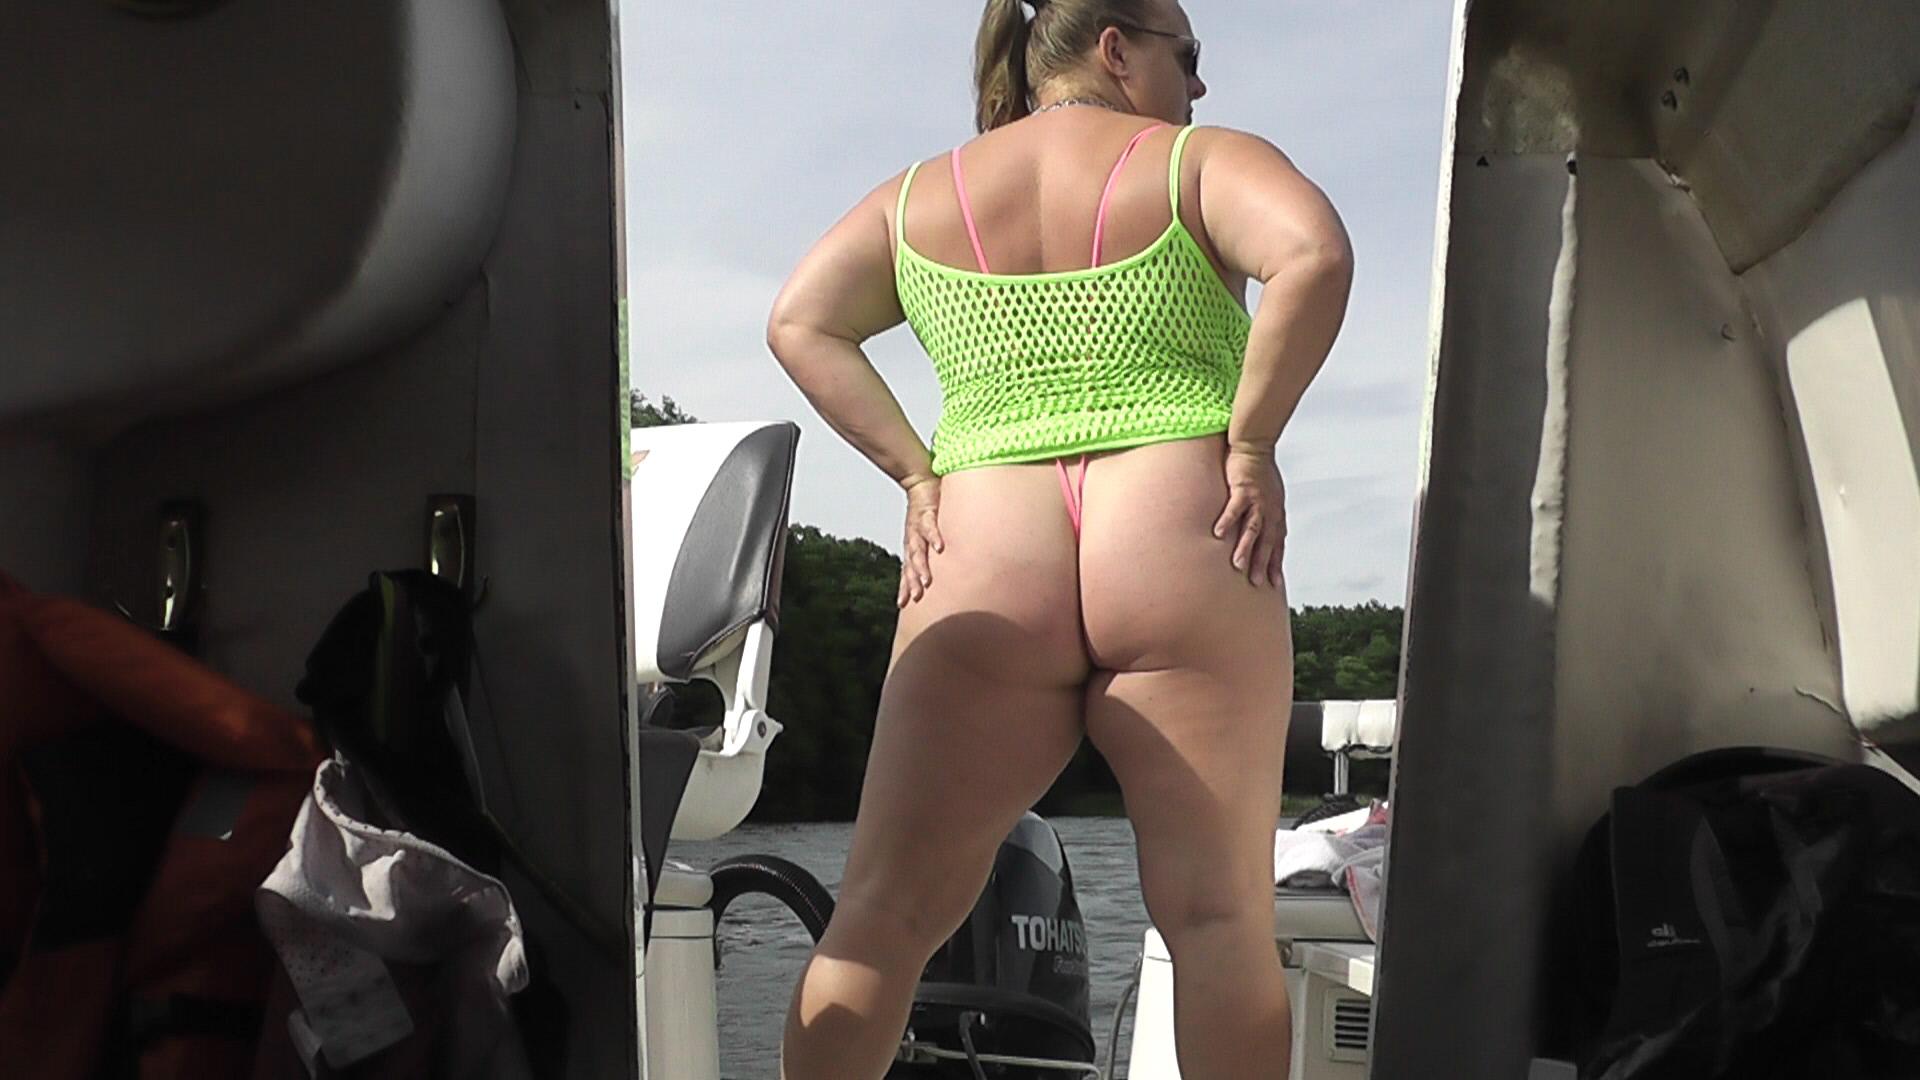 Big booty woman at el pollo loco part 1 - 2 part 1